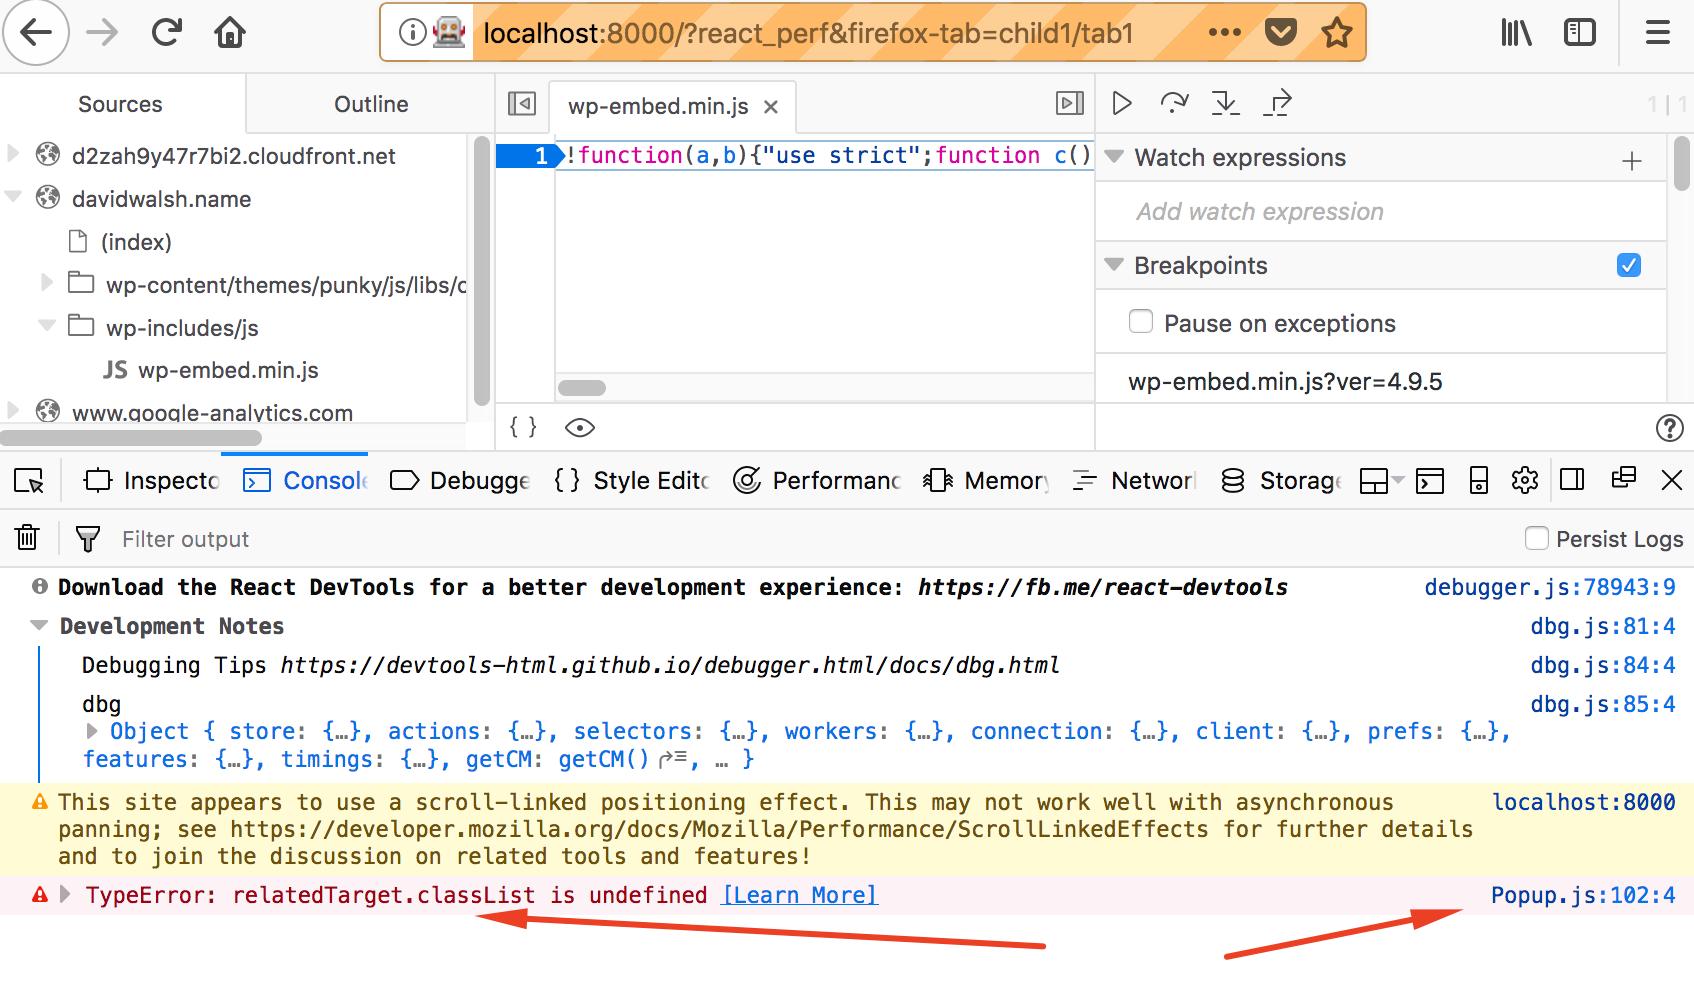 Error: relatedTarget classList is undefined in Popup js